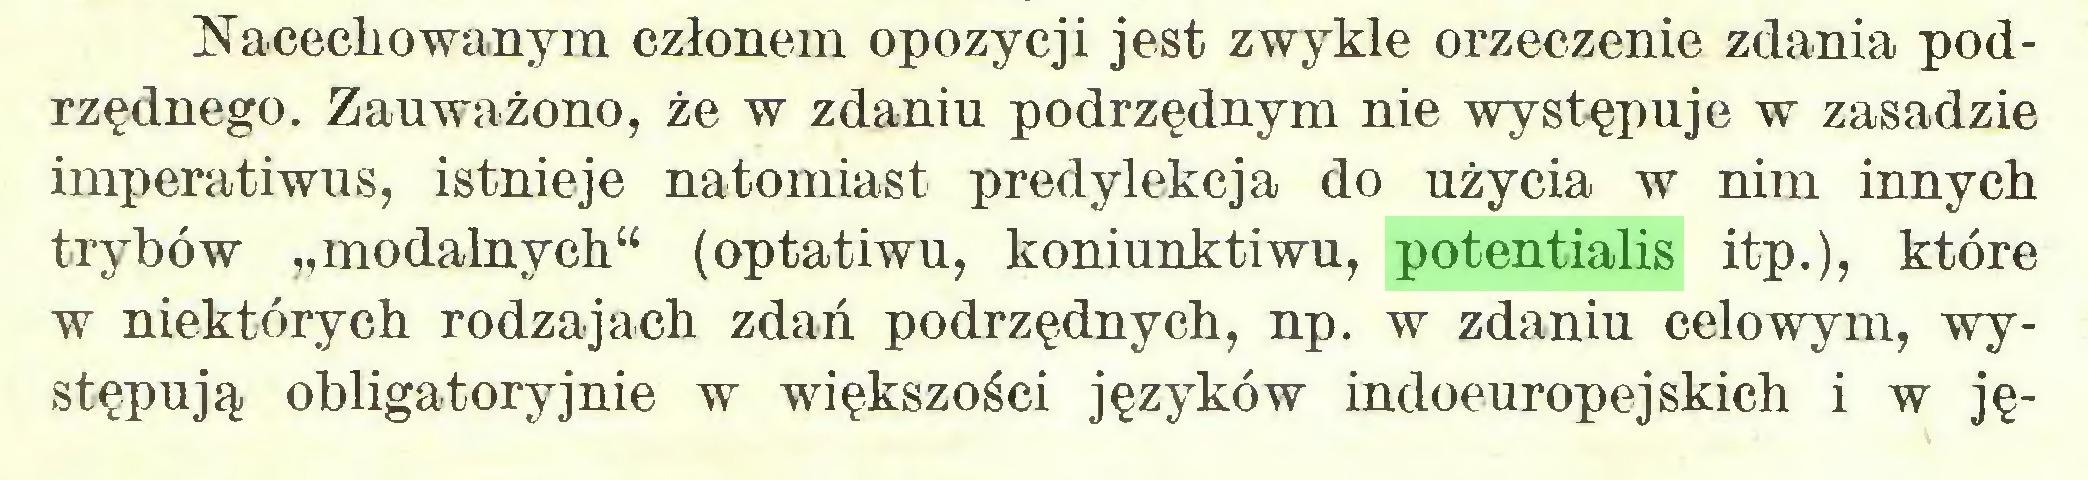 """(...) Nacechowanym członem opozycji jest zwykle orzeczenie zdania podrzędnego. Zauważono, że w zdaniu podrzędnym nie występuje w zasadzie imperatiwus, istnieje natomiast predylekcja do użycia w nim innych trybów """"modalnych"""" (optatiwu, koniunktiwu, potentialis itp.), które w niektórych rodzajach zdań podrzędnych, np. w zdaniu celowym, występują obligatoryjnie w większości języków indoeuropejskich i w ję..."""